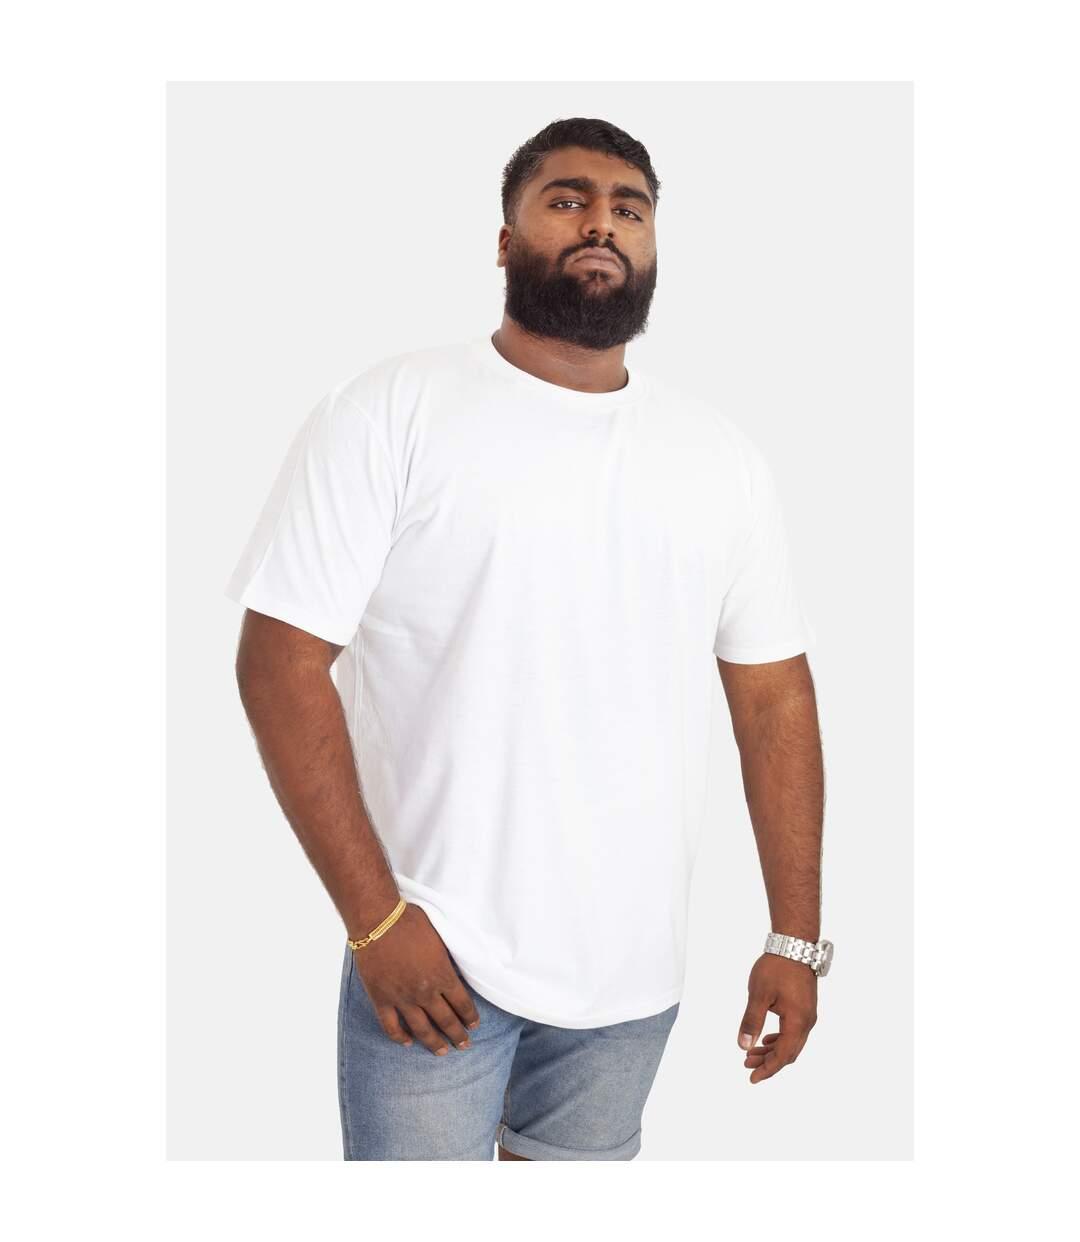 Duke D555 Homme Diaz Big Tall King Size couture T-shirt homme à encolure ras-du-cou-Noir